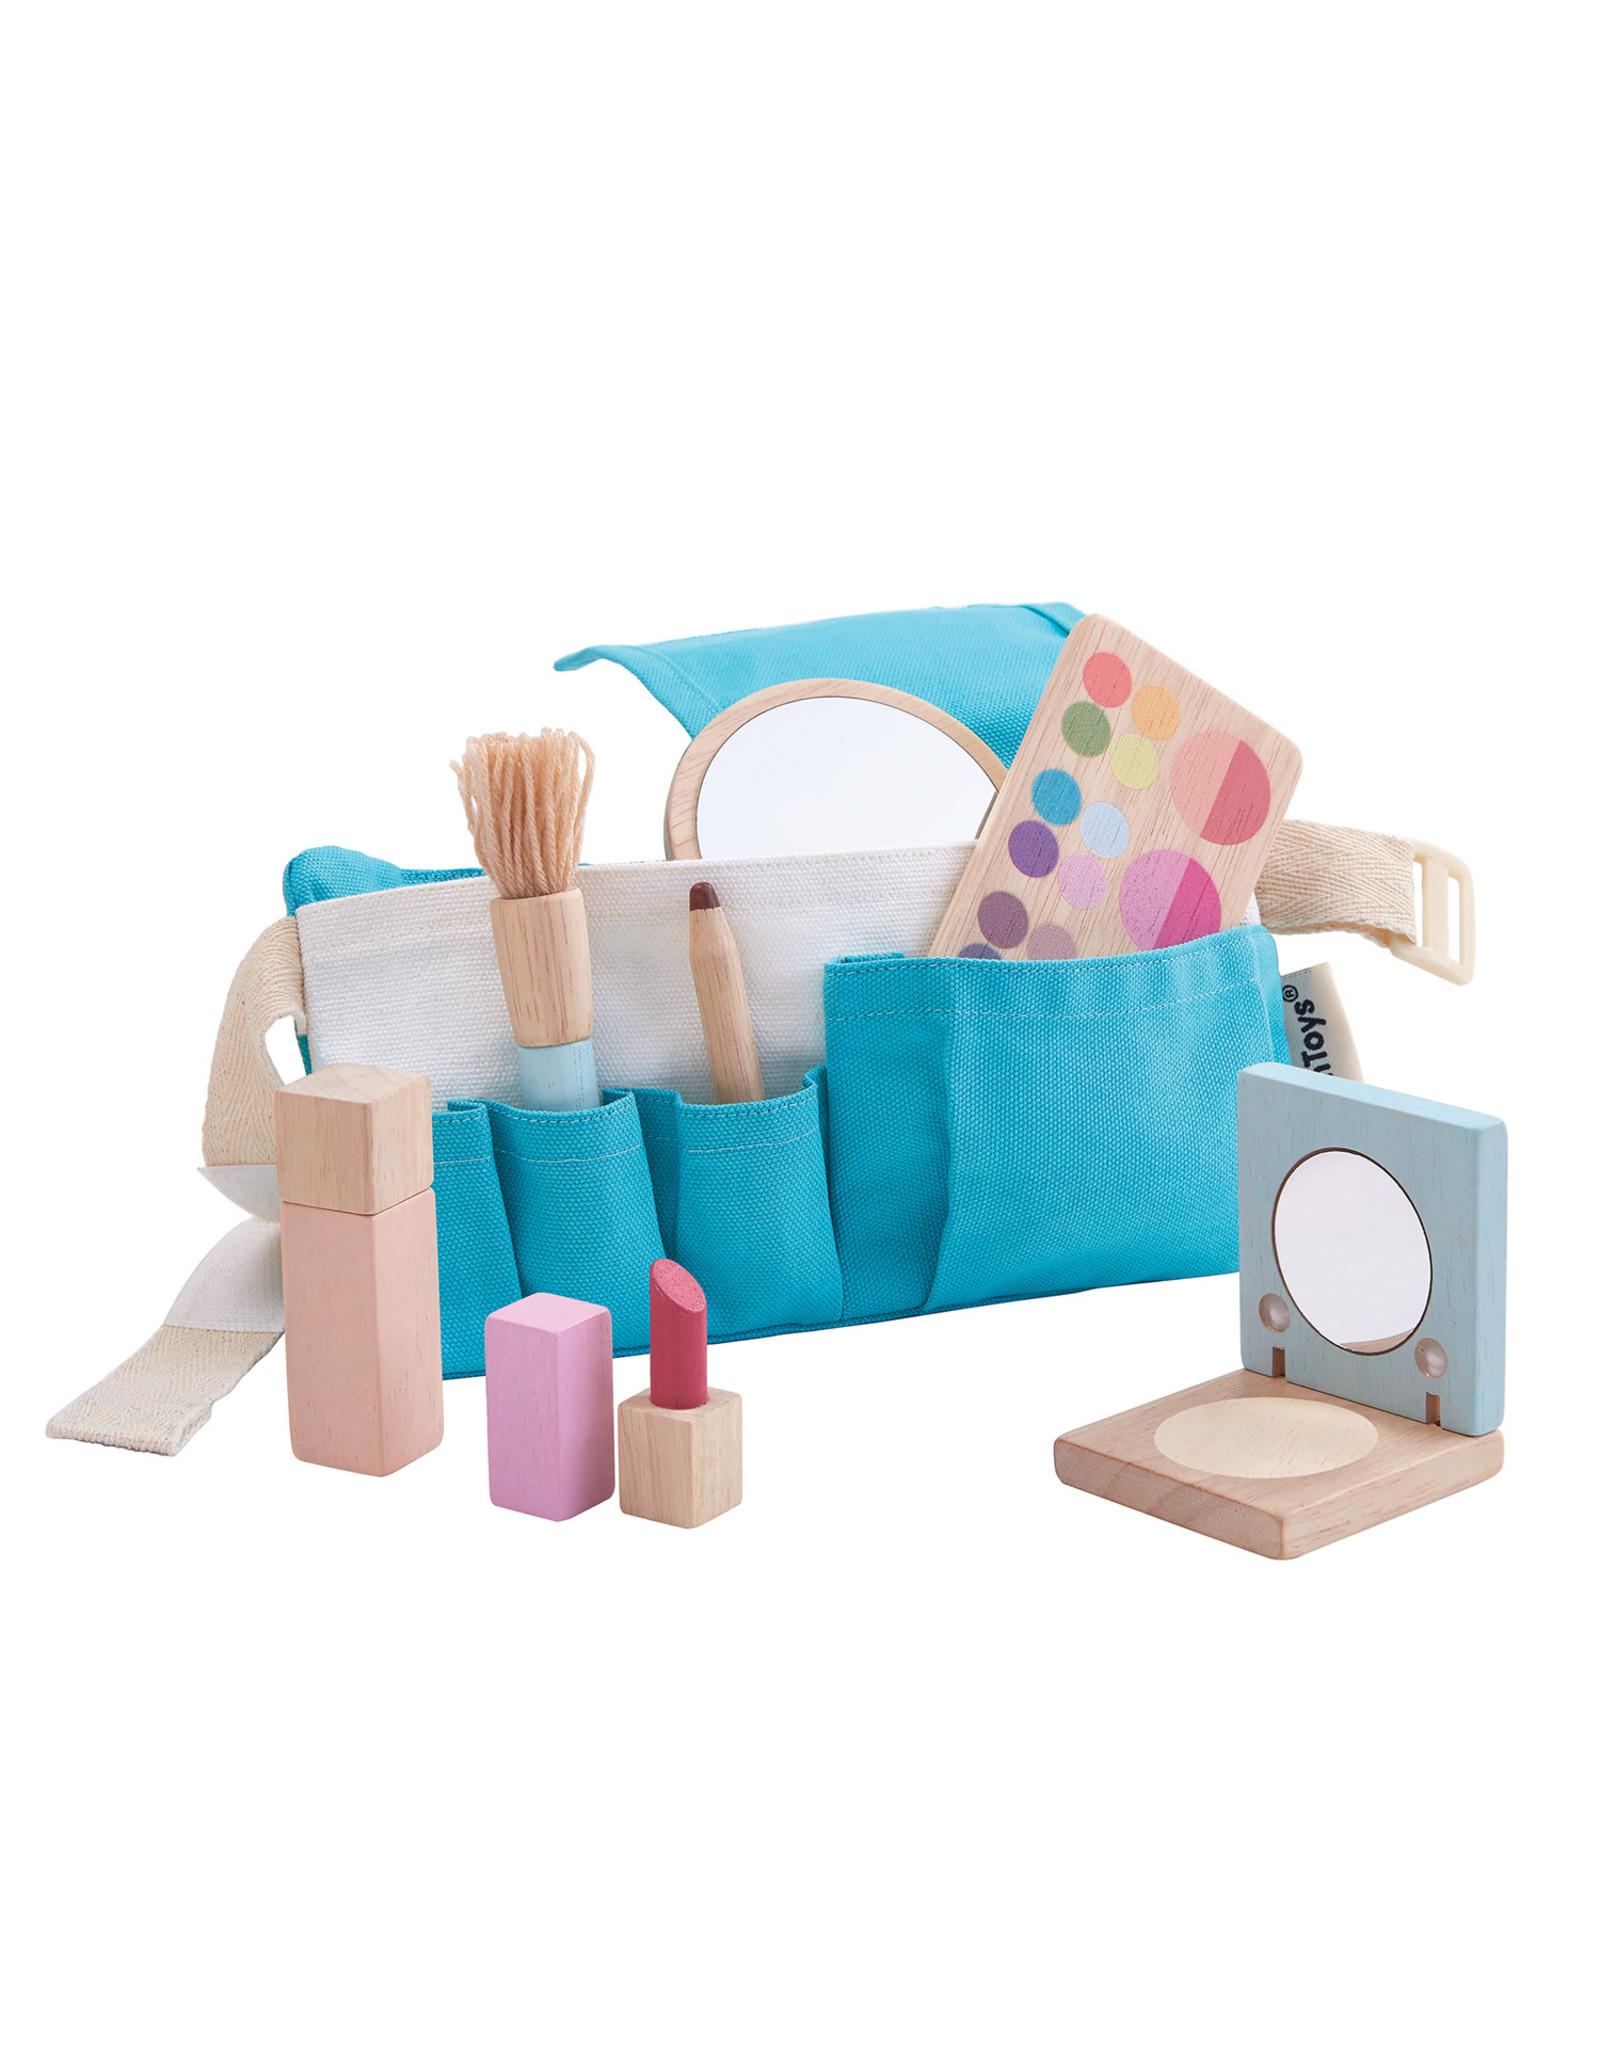 Plan Toys Make up